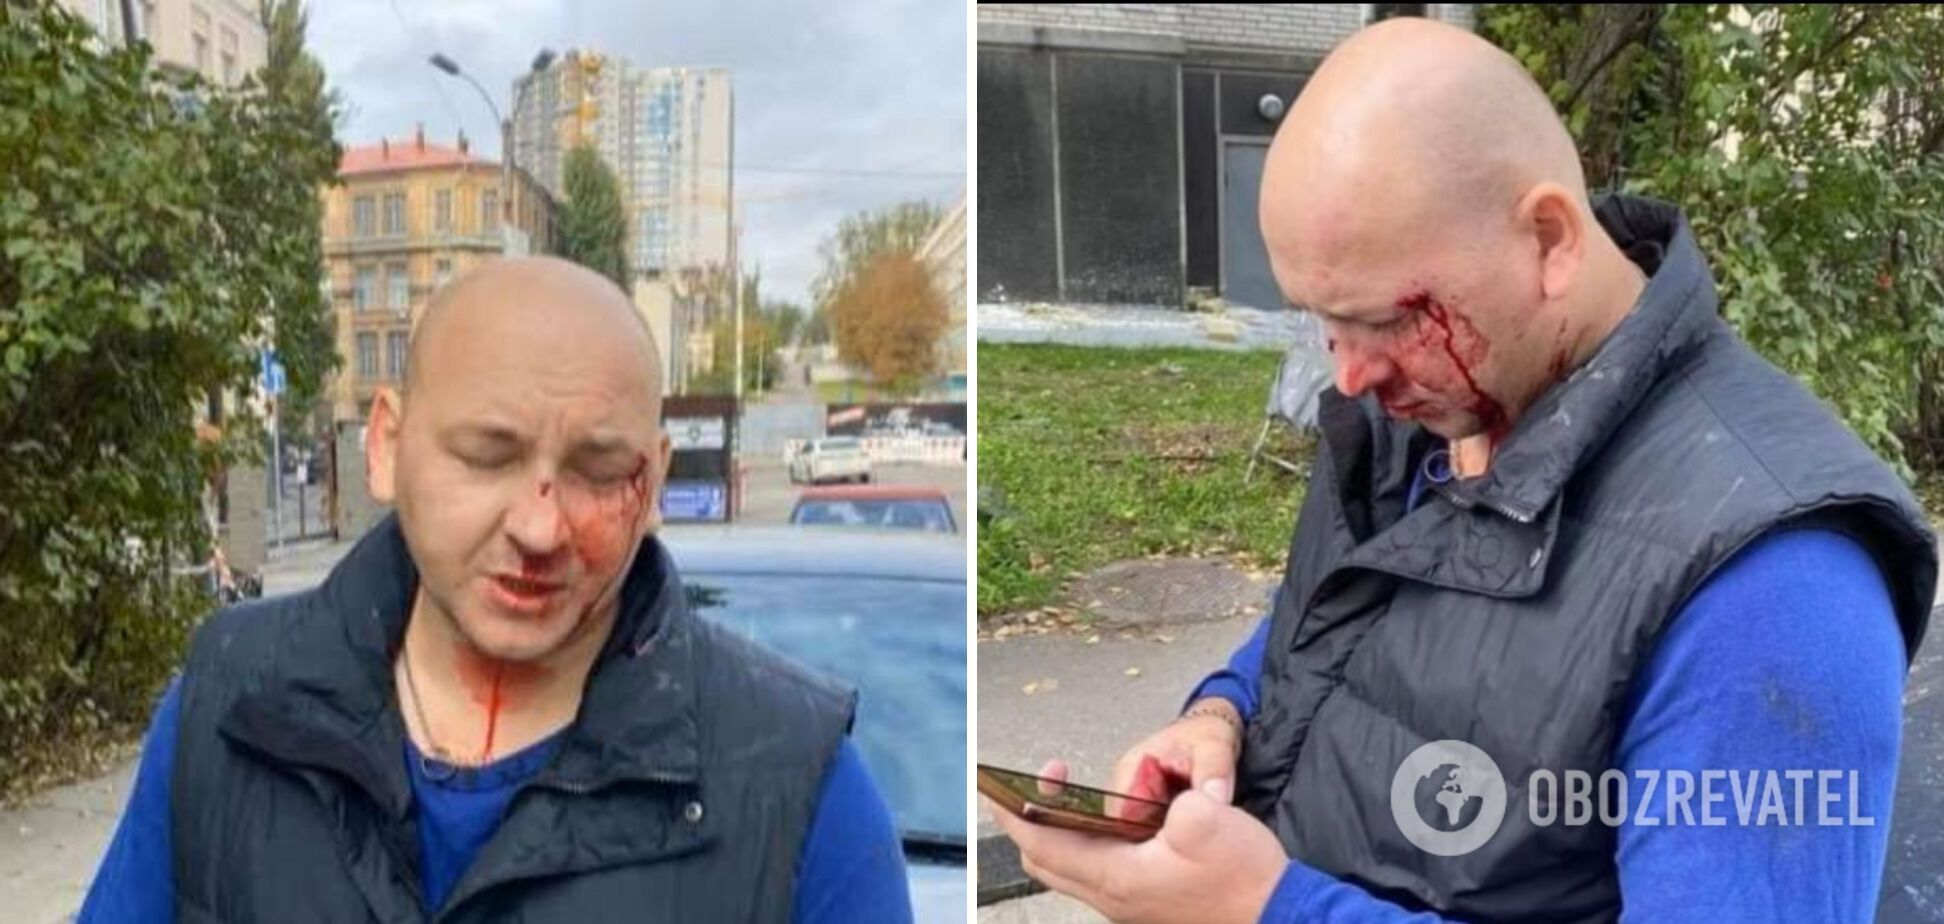 Почти год назад Иван Деев заявил о нападении на него. По его словам, виновный в этом до сих пор наказания не понес.